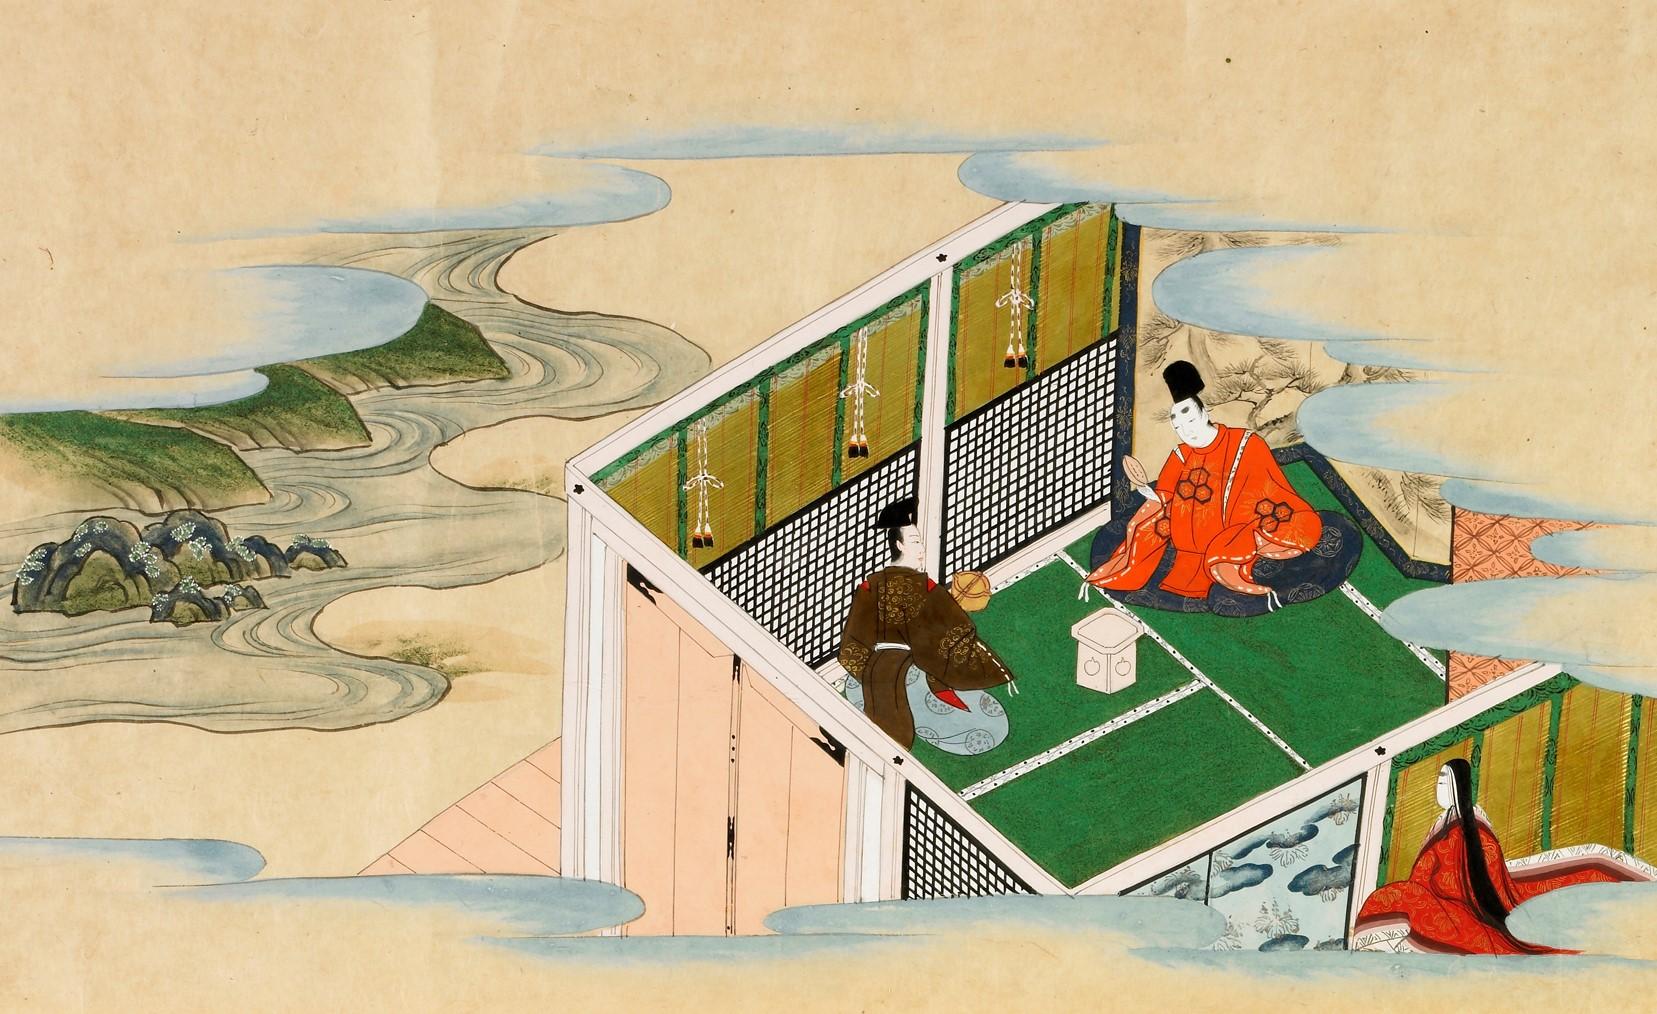 斎王からの別れの盃を見つめる業平(なぜか朱色の狩衣)と待機する斎宮の女官